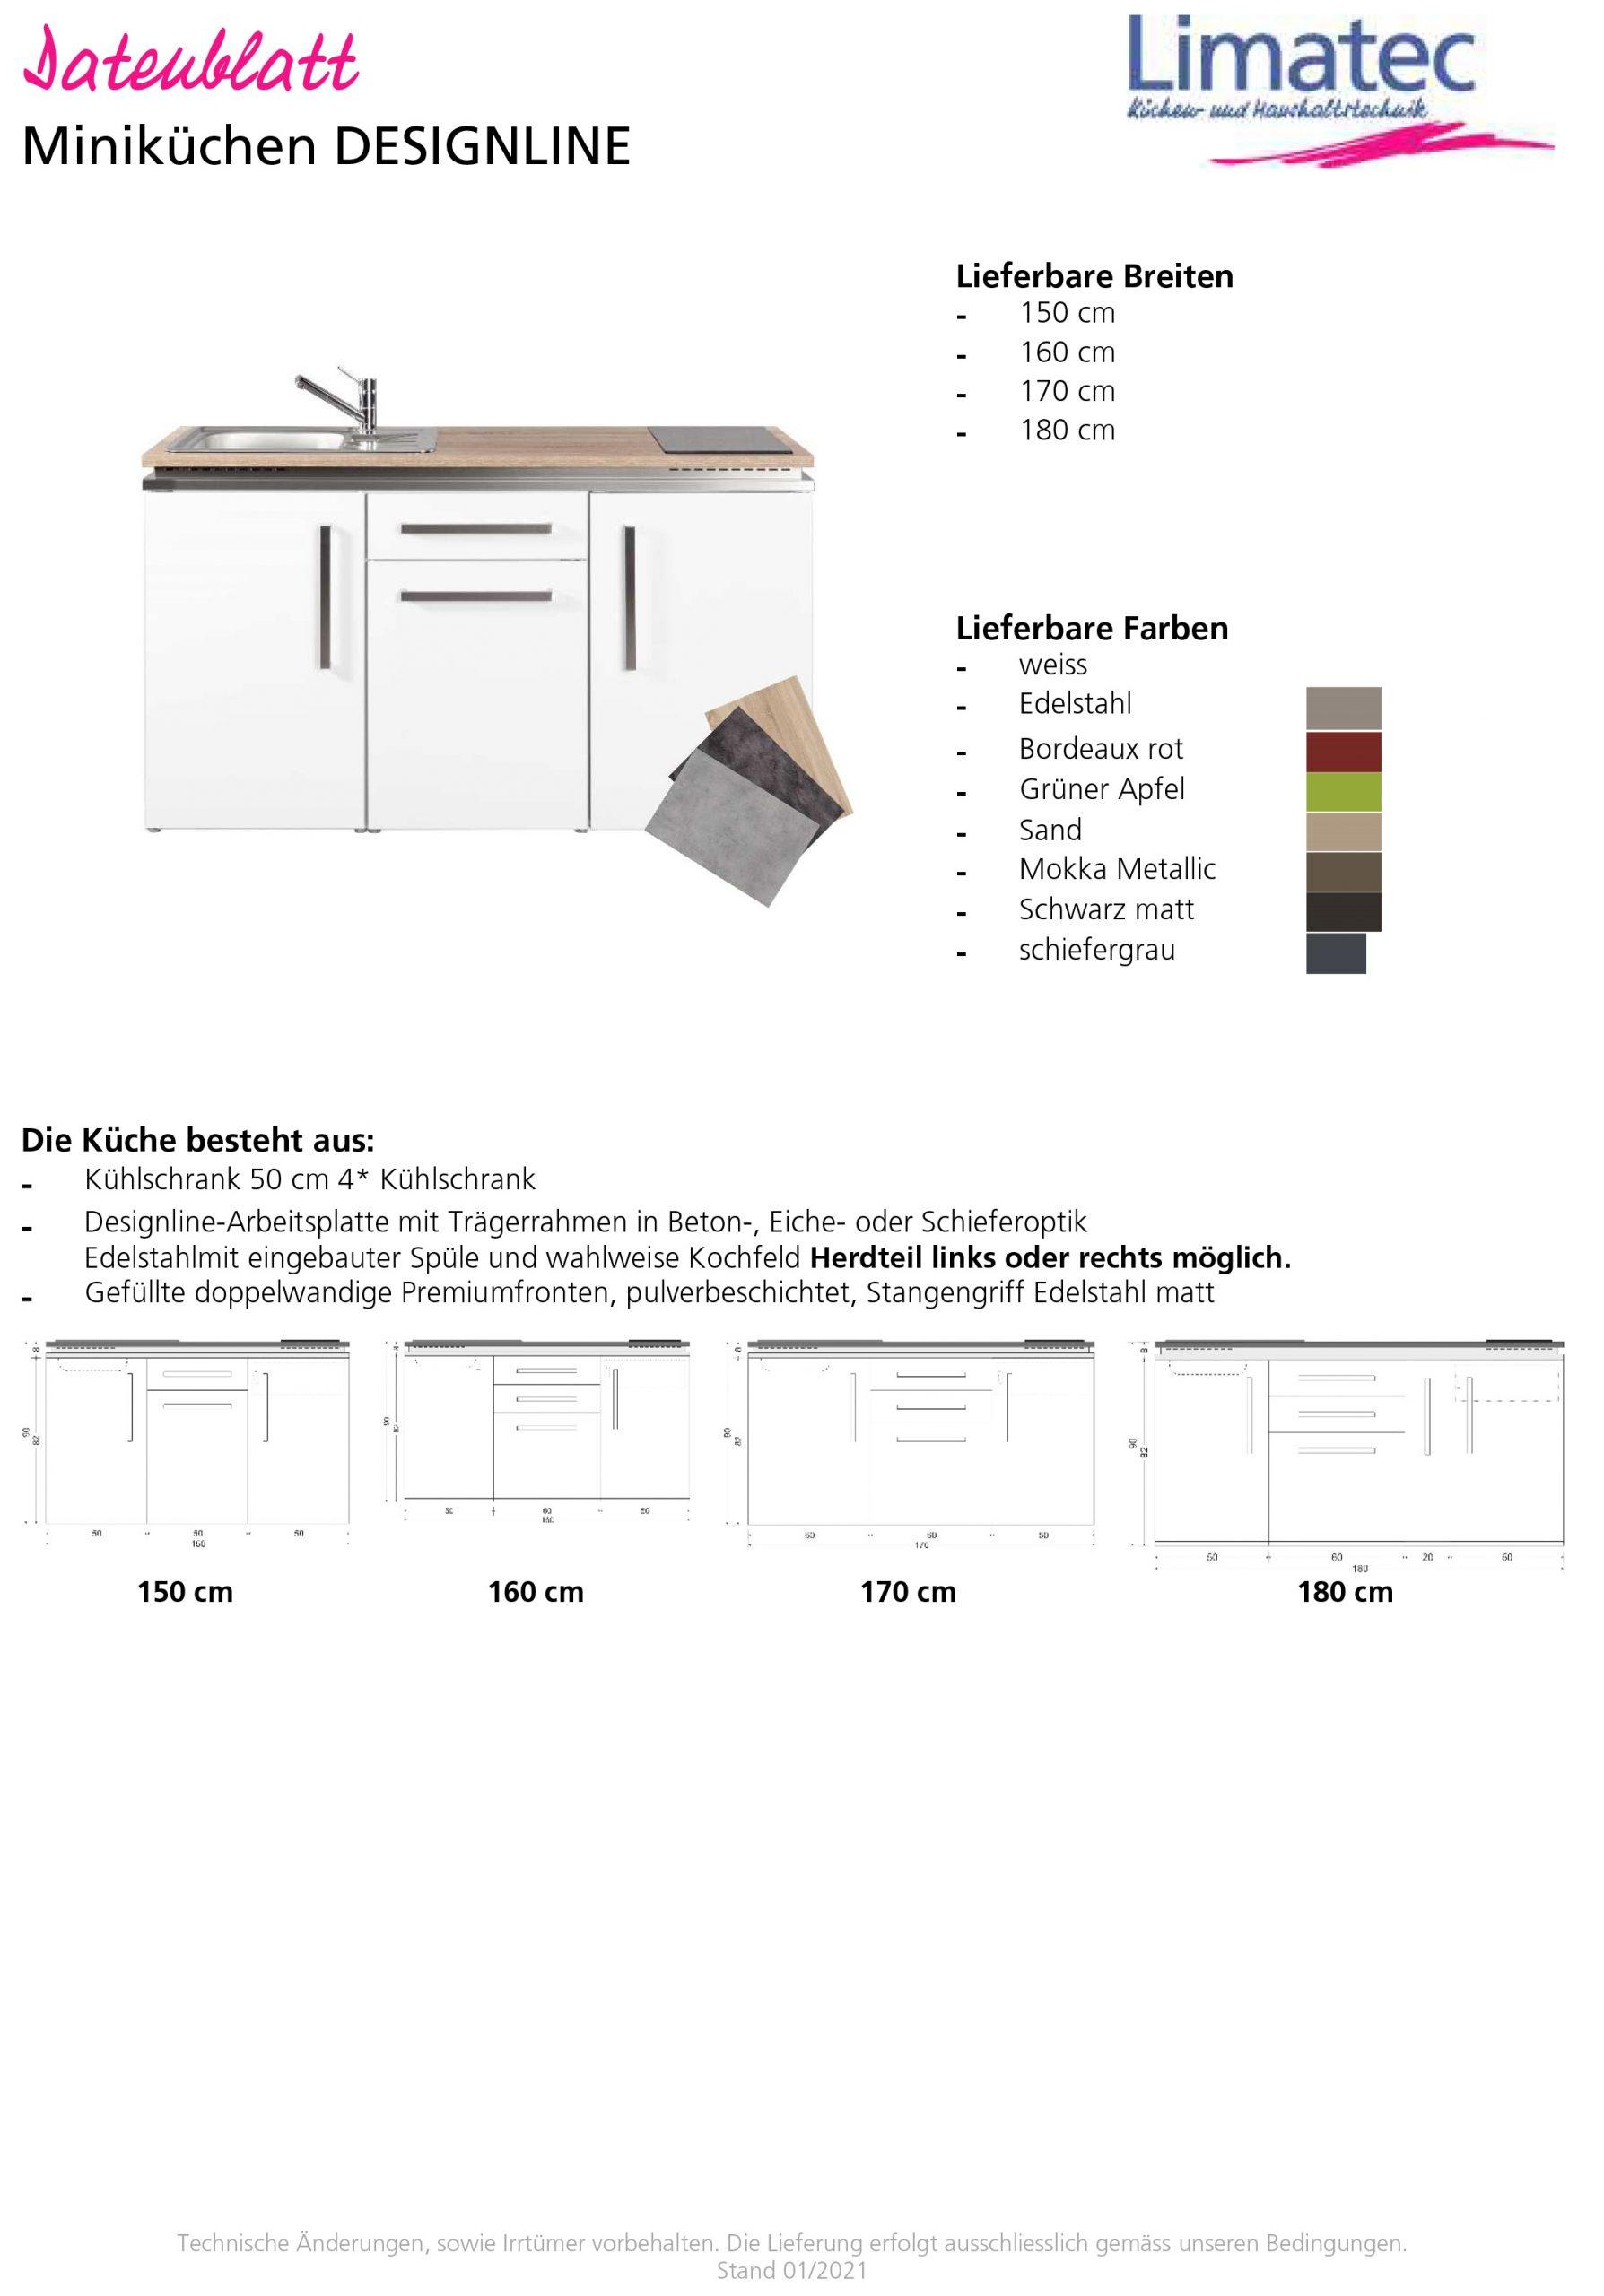 Miniküchen DESIGNLINE